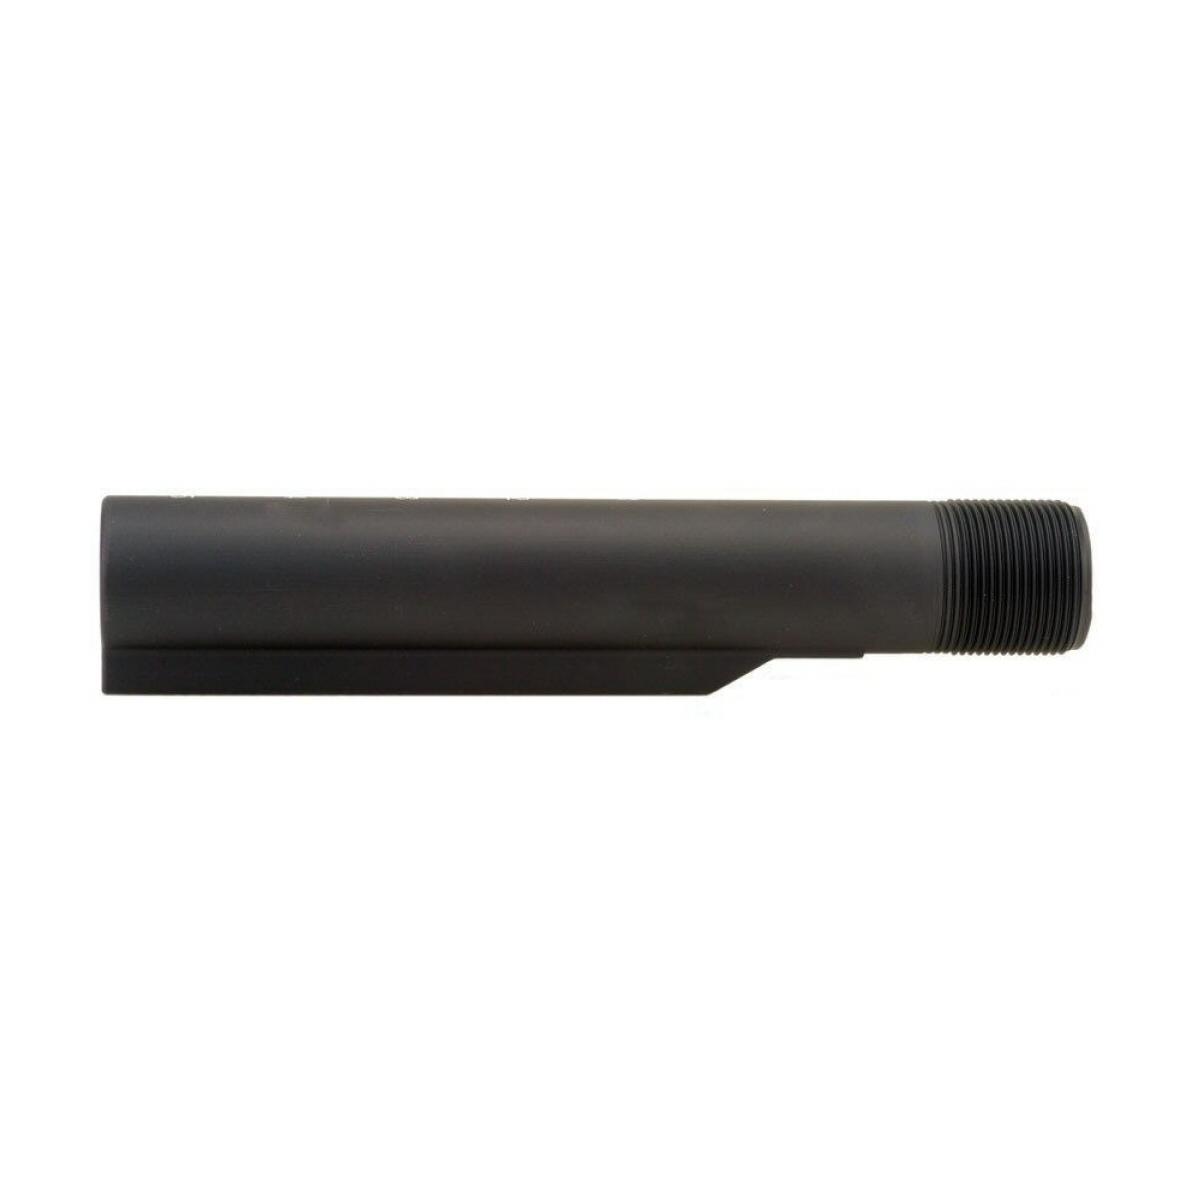 Formosan Arsenal Milspec Carbine Tube Only